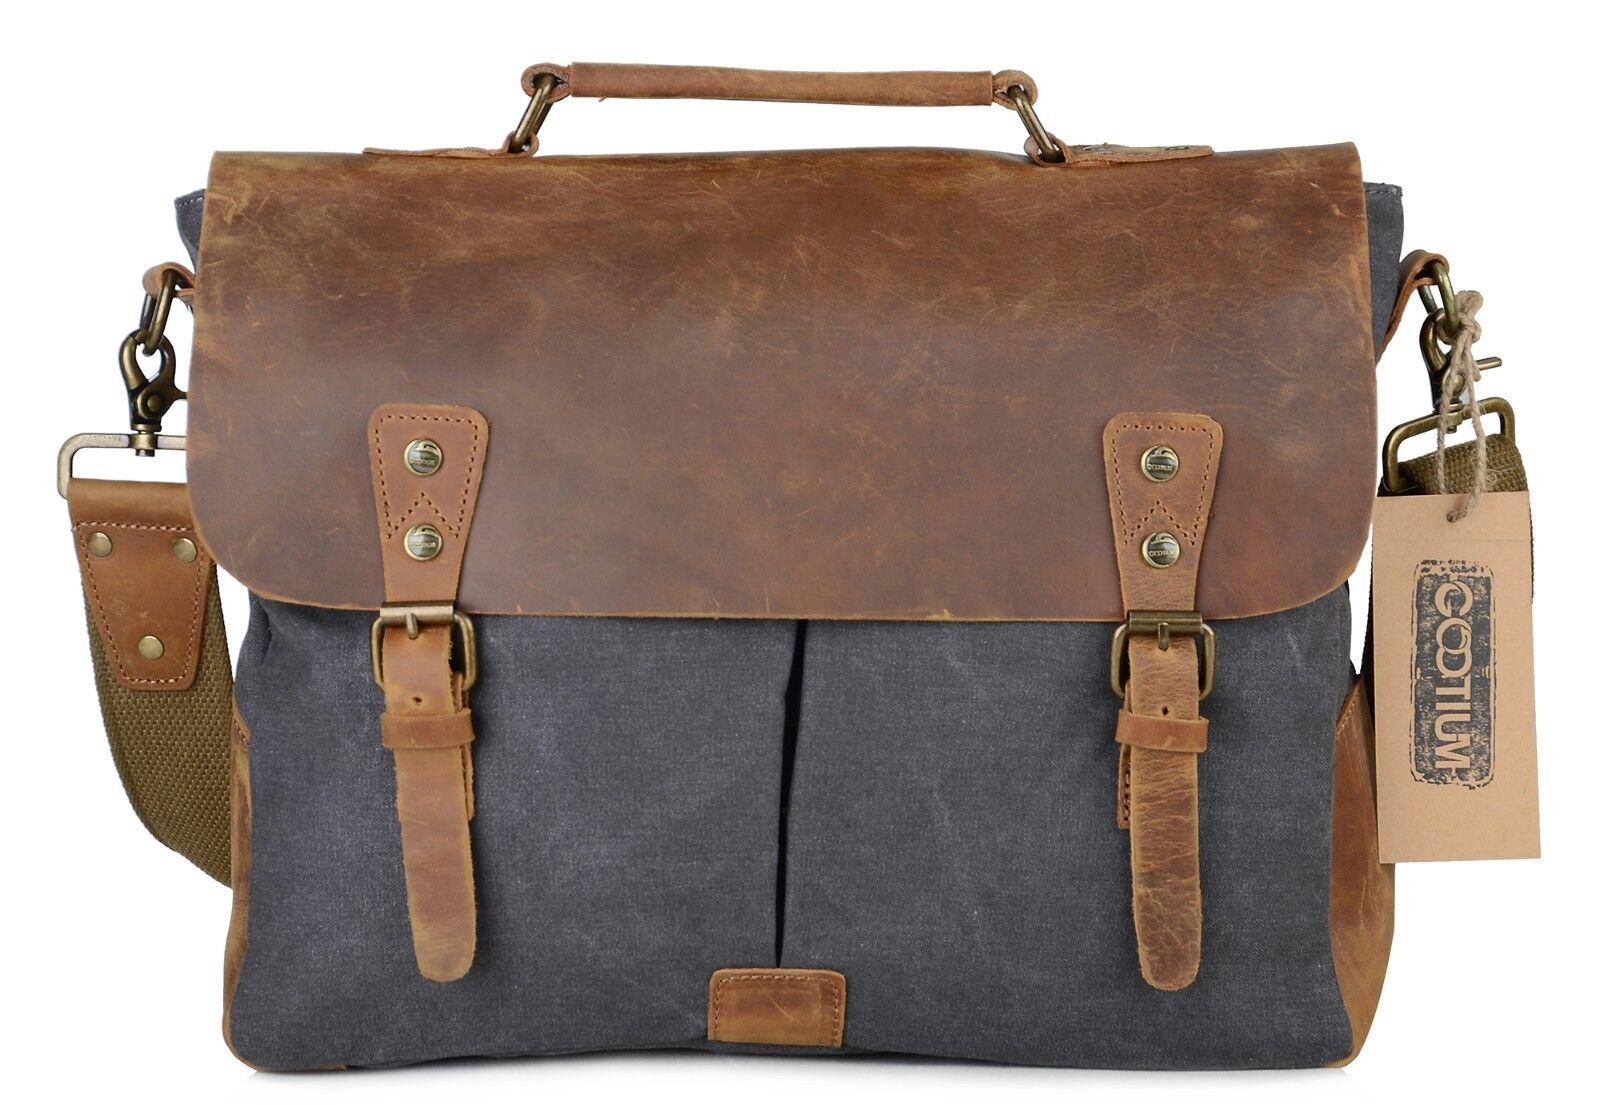 f138cc7257 Gootium Canvas Messenger Bag Vintage Leather Briefcase 15.6 Inch ...